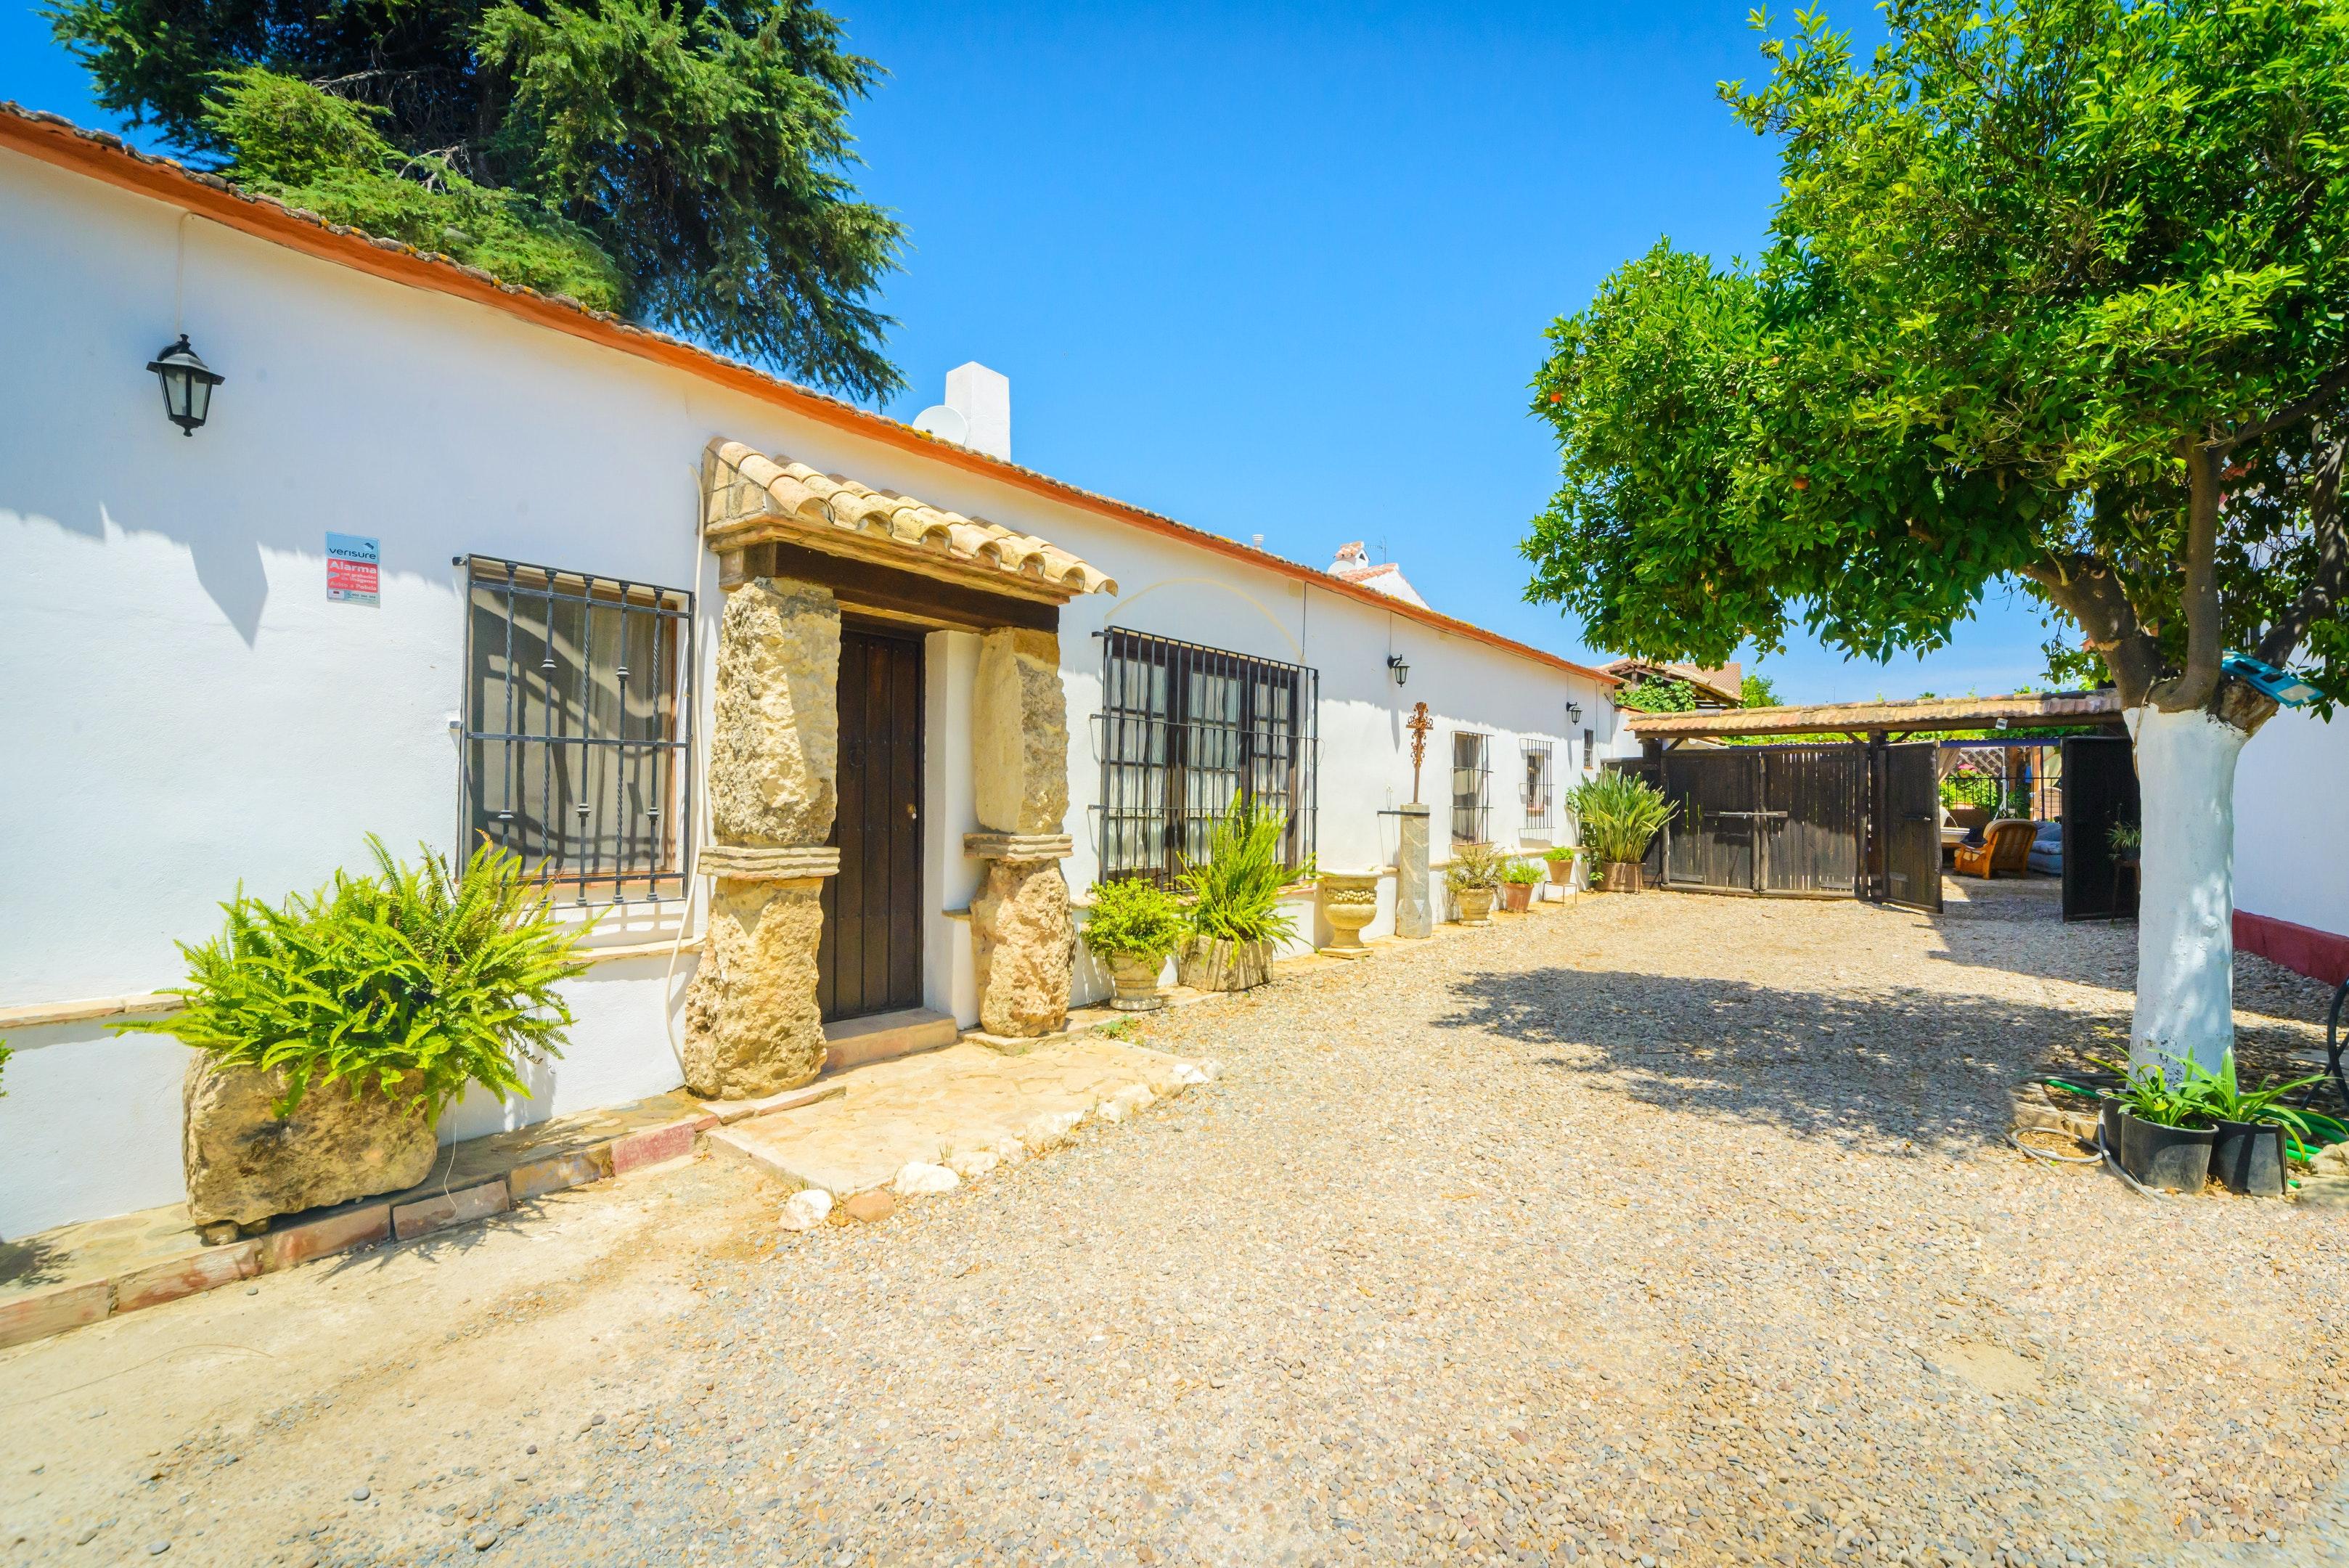 Ferienhaus Villa mit 3 Schlafzimmern in Peñaflor mit privatem Pool, eingezäuntem Garten und W-LAN (2208249), Peñaflor, Sevilla, Andalusien, Spanien, Bild 30